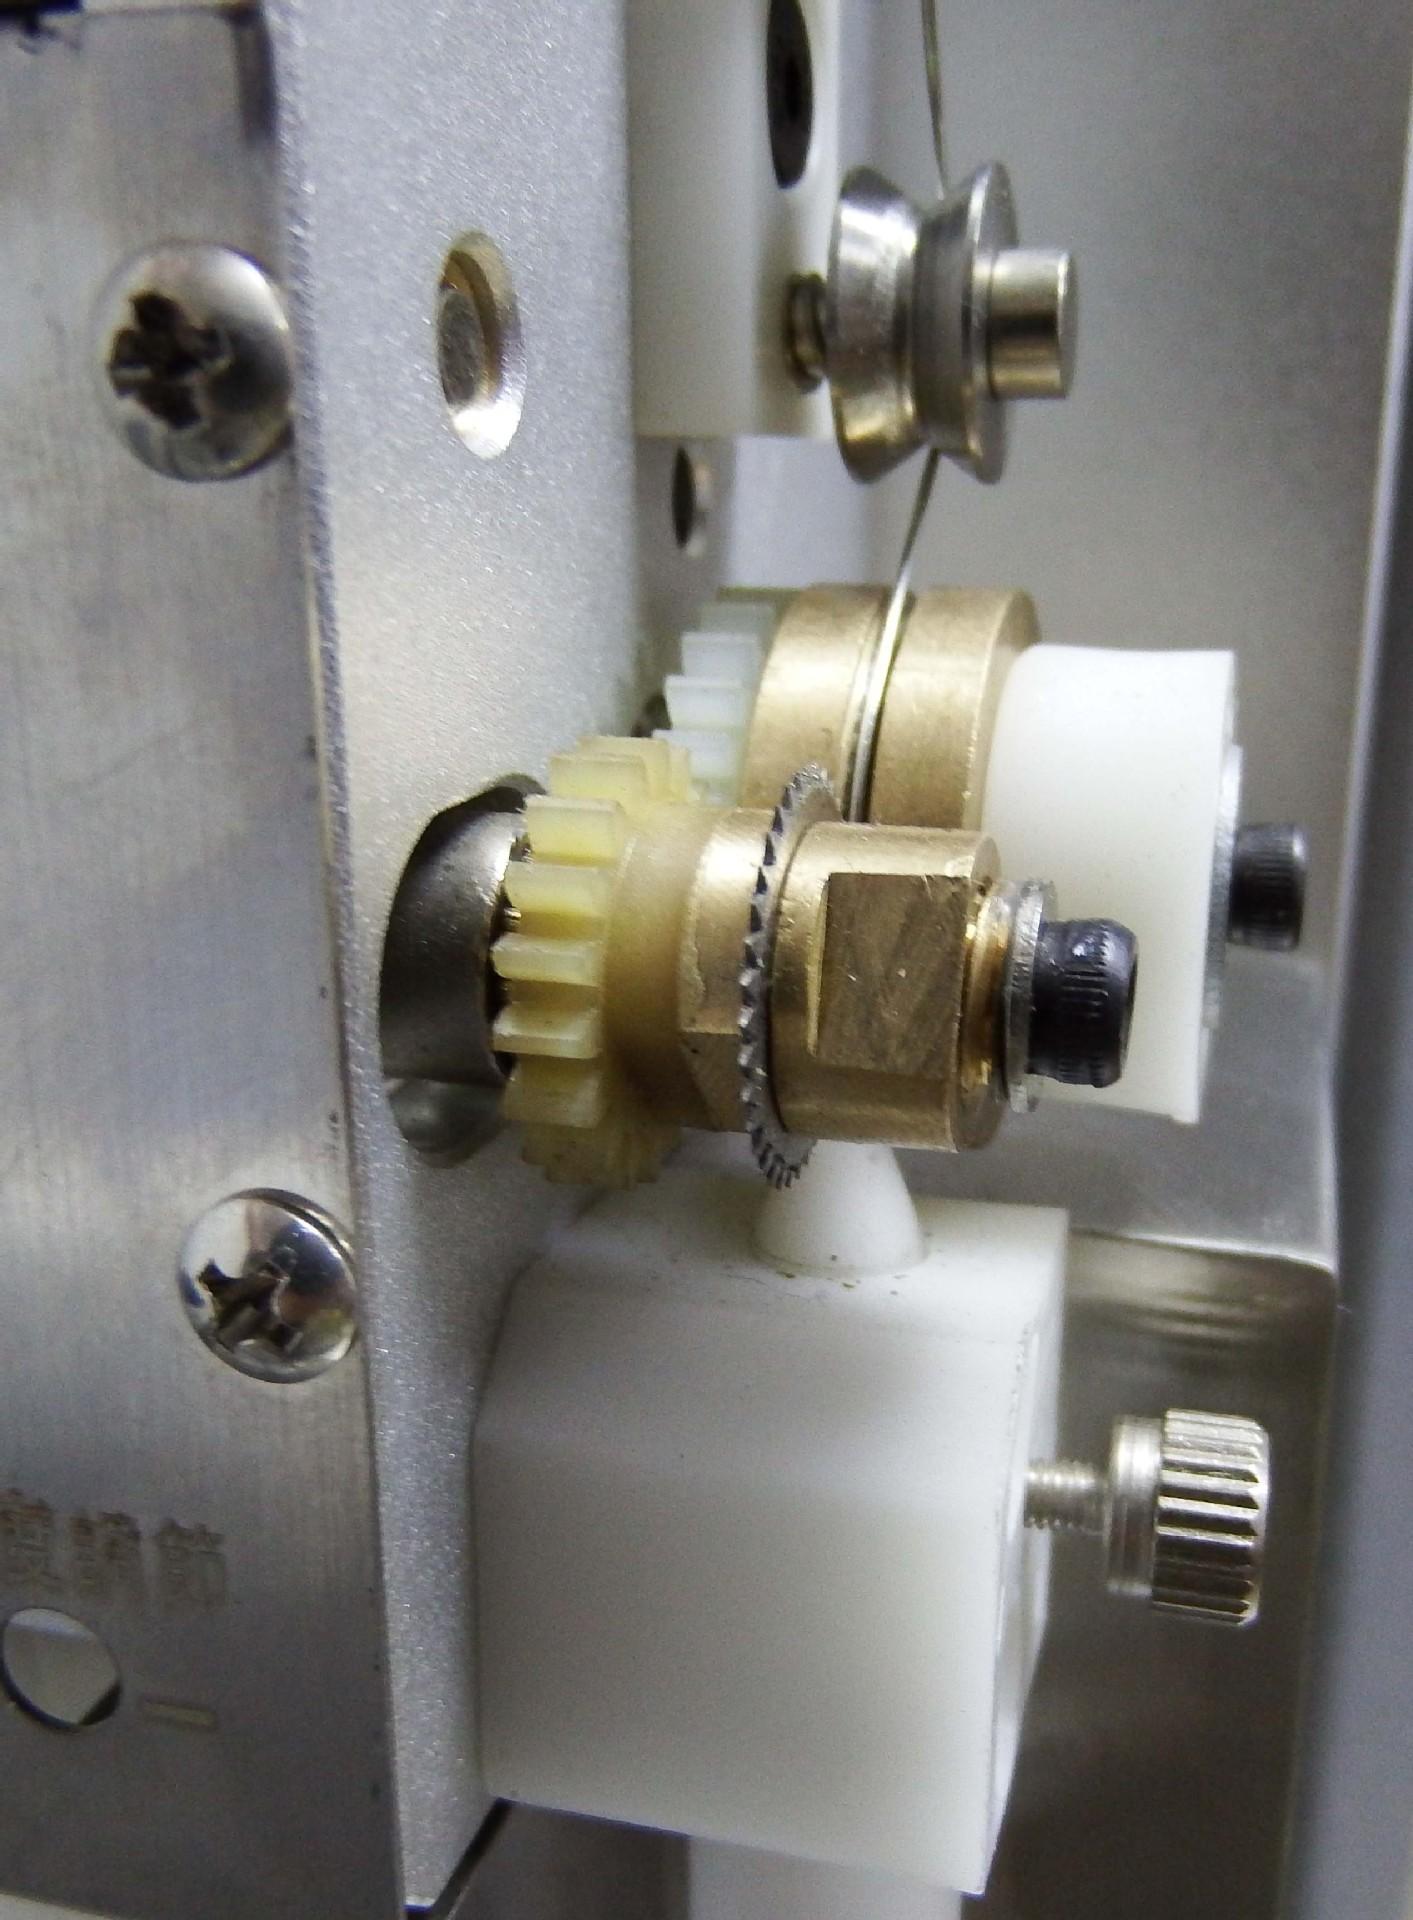 焊锡的标准步骤图解